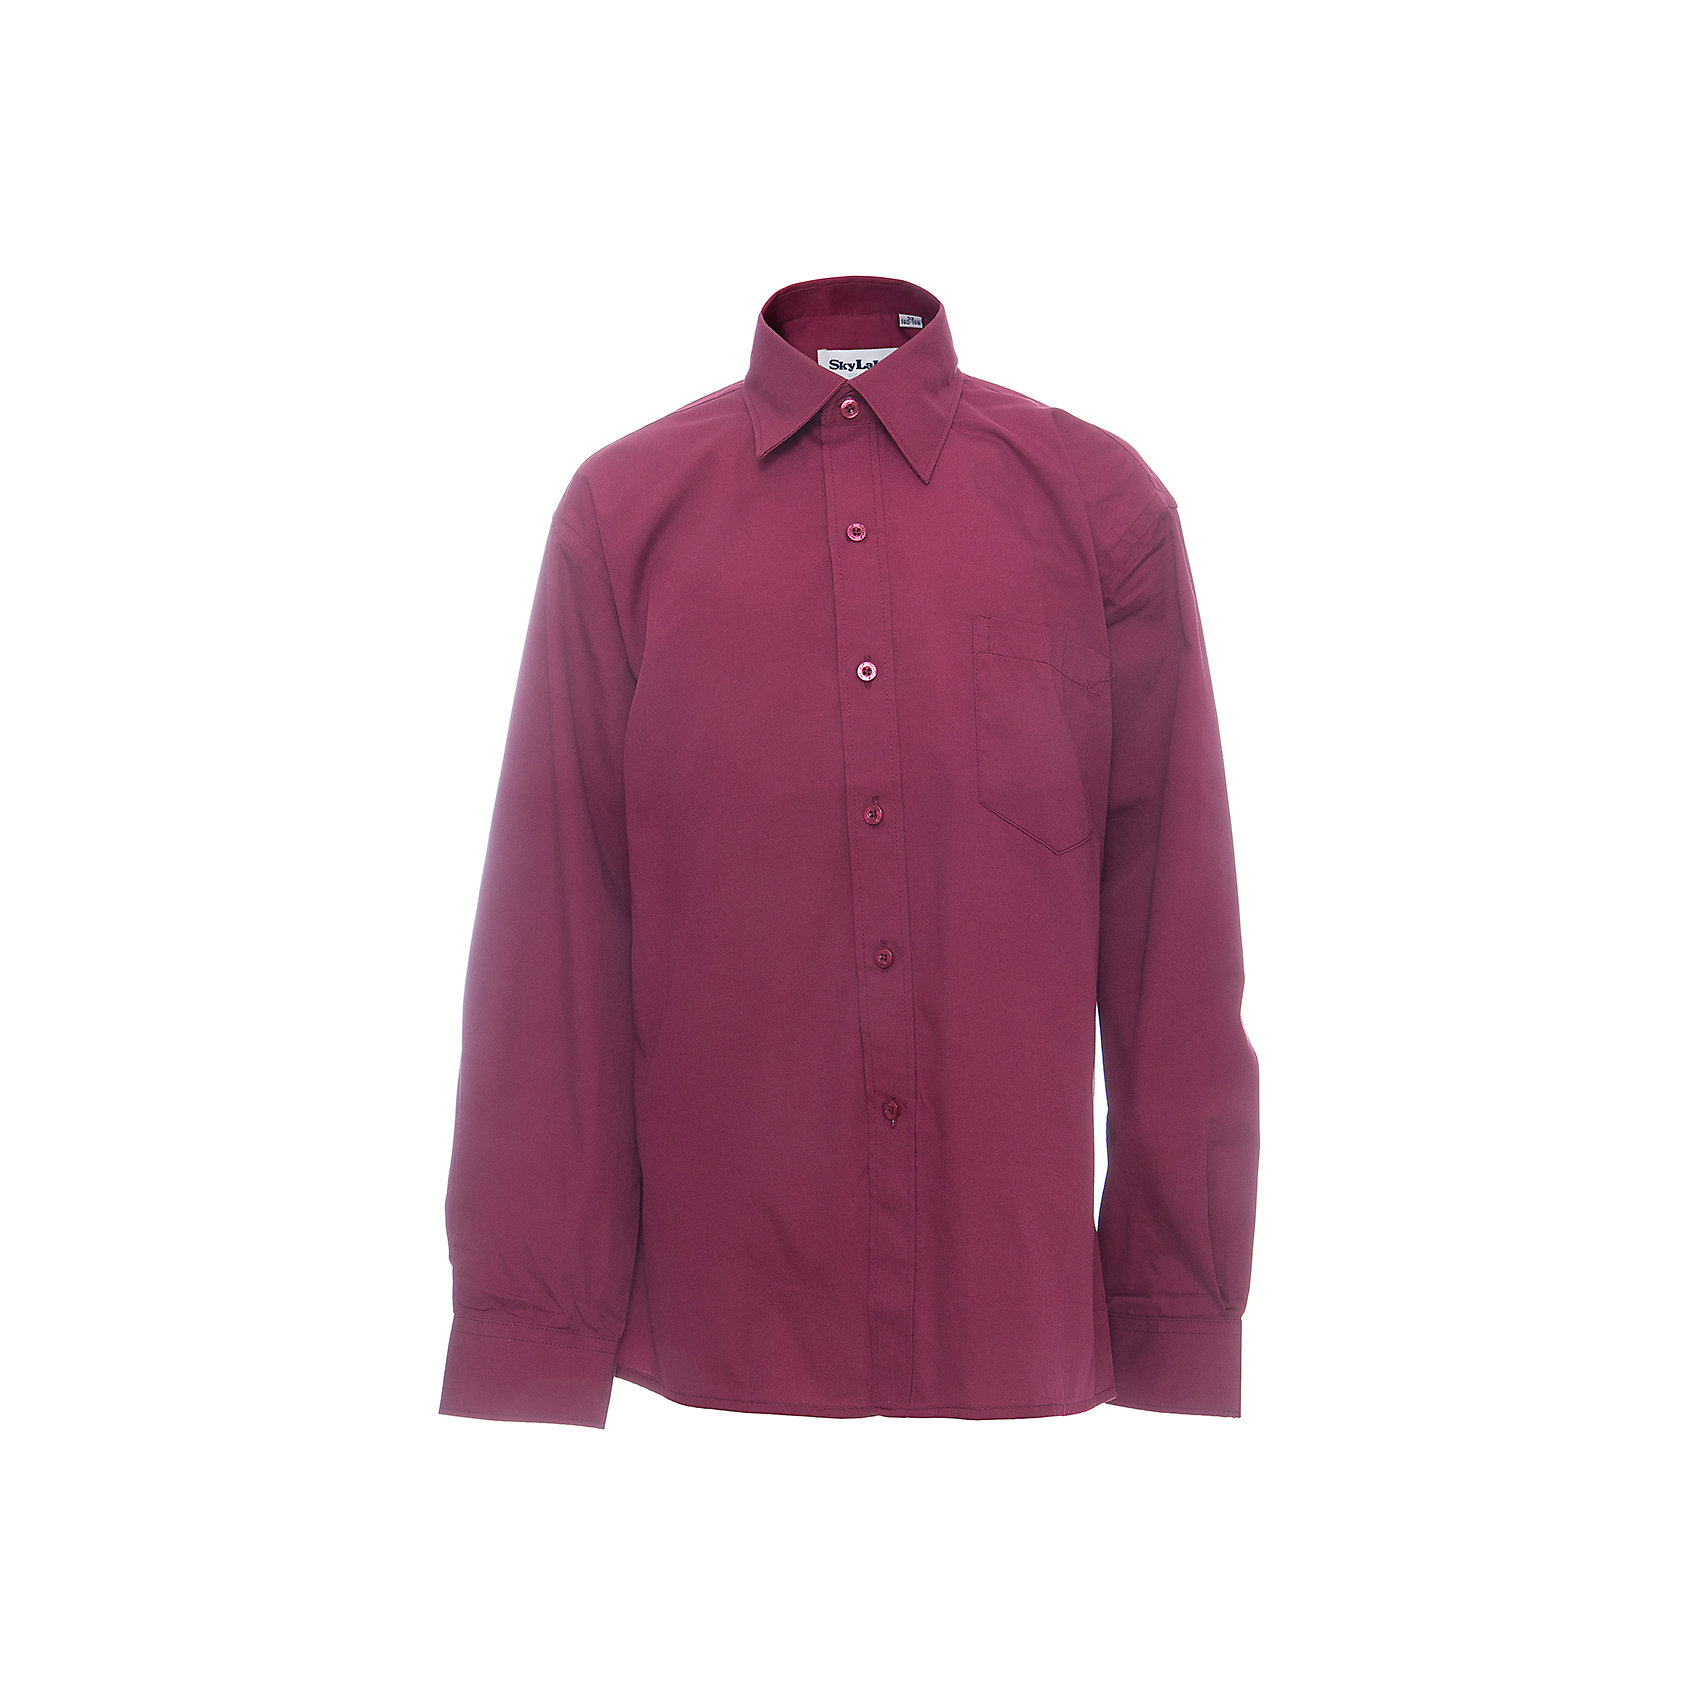 Рубашка CLASSIC для мальчика SkylakeБлузки и рубашки<br>Сорочка детская для мальчика<br>Состав:<br>80% хлопок, 20% п/э<br><br>Ширина мм: 174<br>Глубина мм: 10<br>Высота мм: 169<br>Вес г: 157<br>Цвет: красный<br>Возраст от месяцев: 108<br>Возраст до месяцев: 120<br>Пол: Мужской<br>Возраст: Детский<br>Размер: 140,146,152,158,128<br>SKU: 6772825